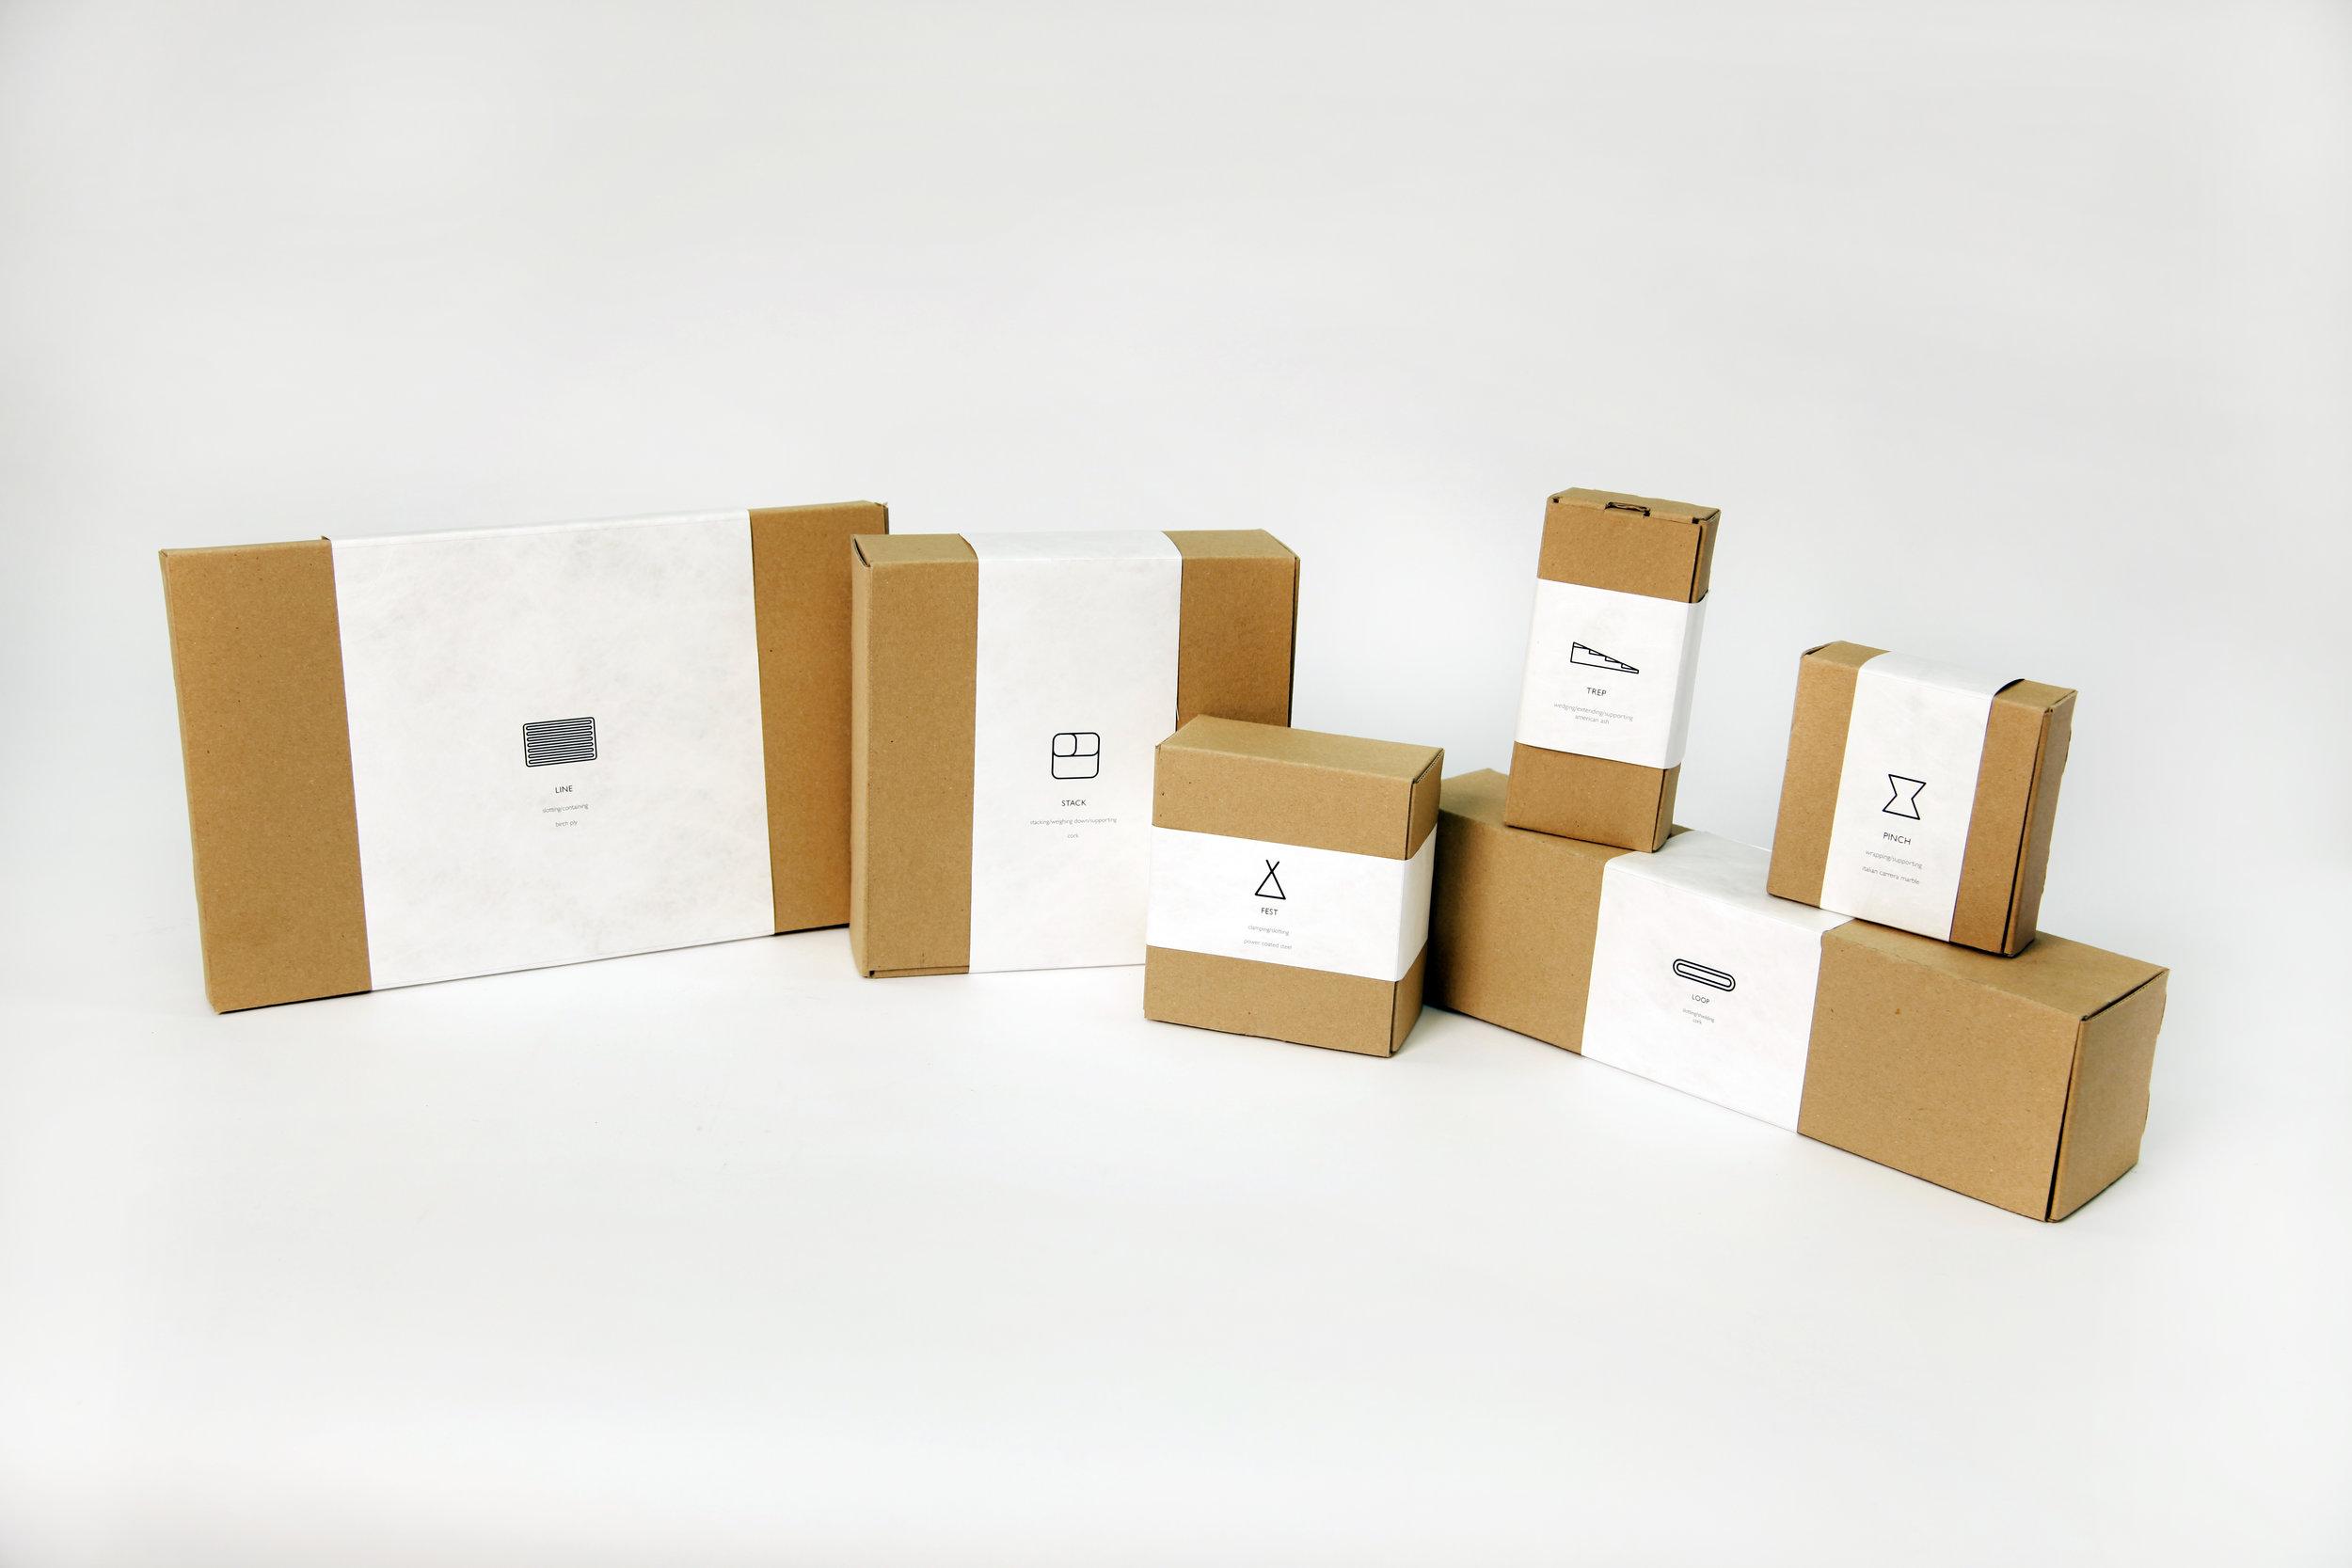 packaging boxes.jpg